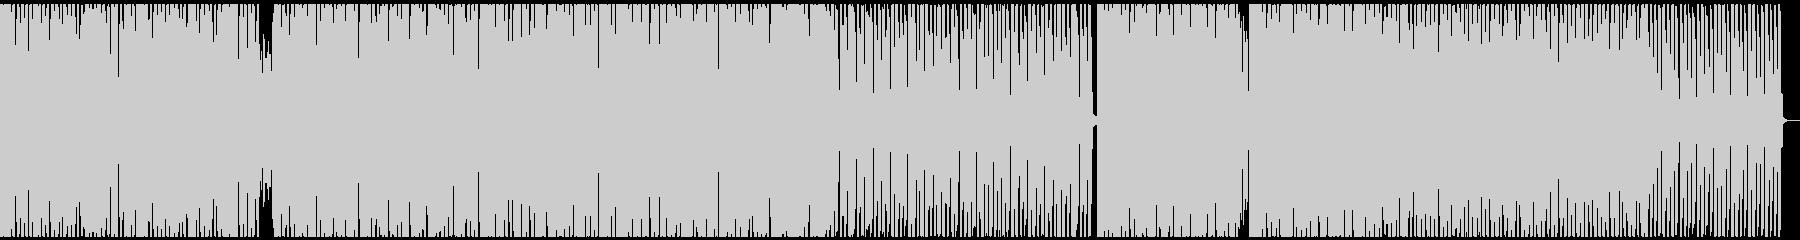 疾走感 Sax ジャズハウスビートの未再生の波形